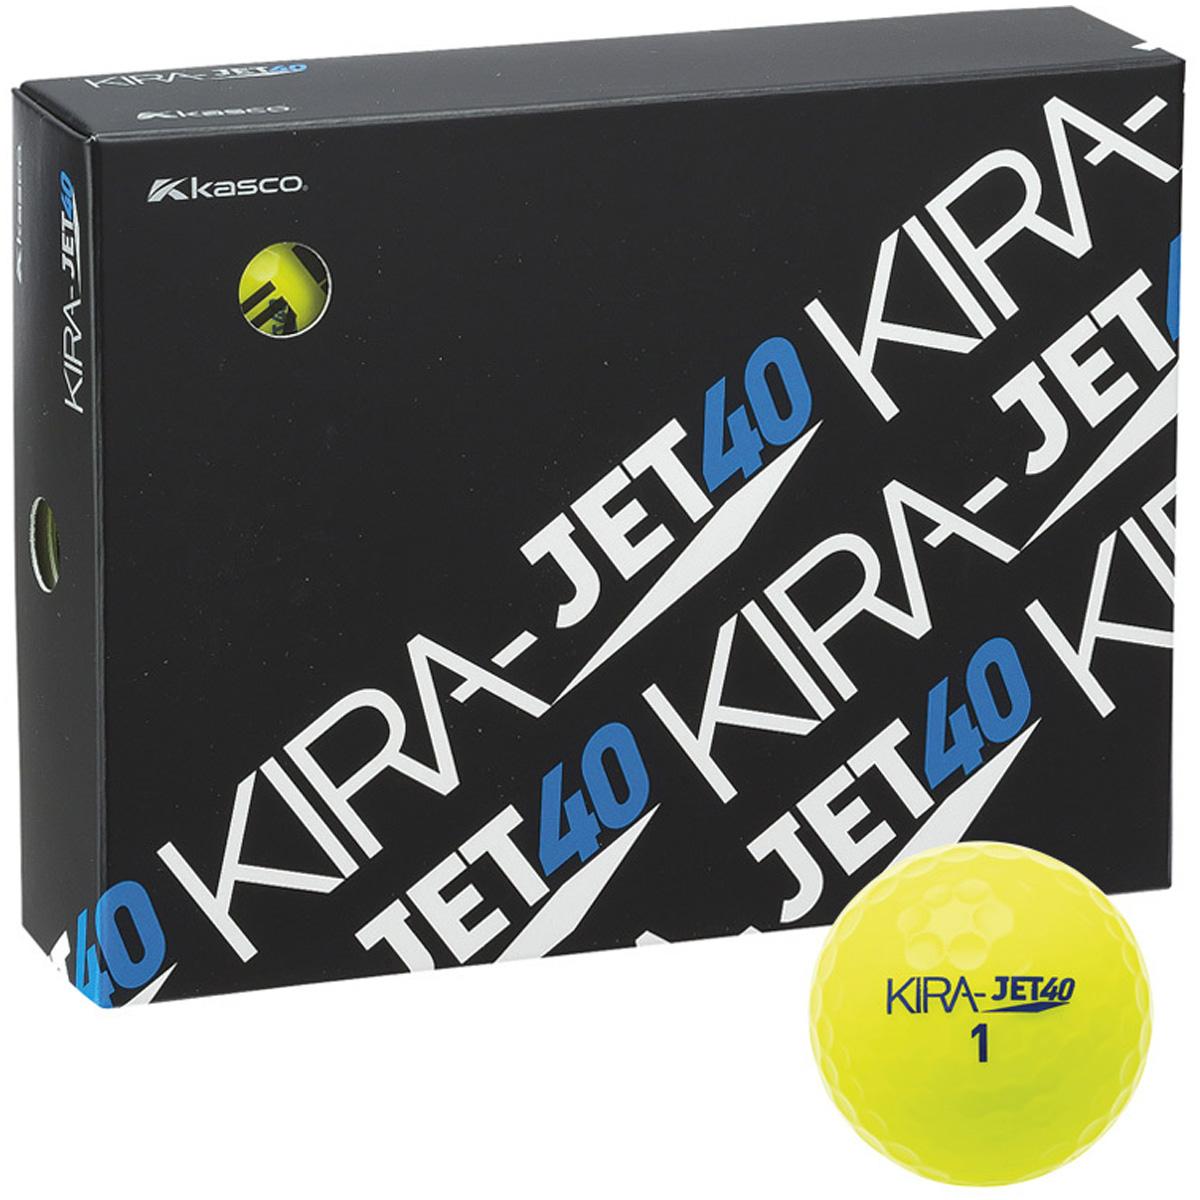 KIRA JET 40 アベレージ向けボール